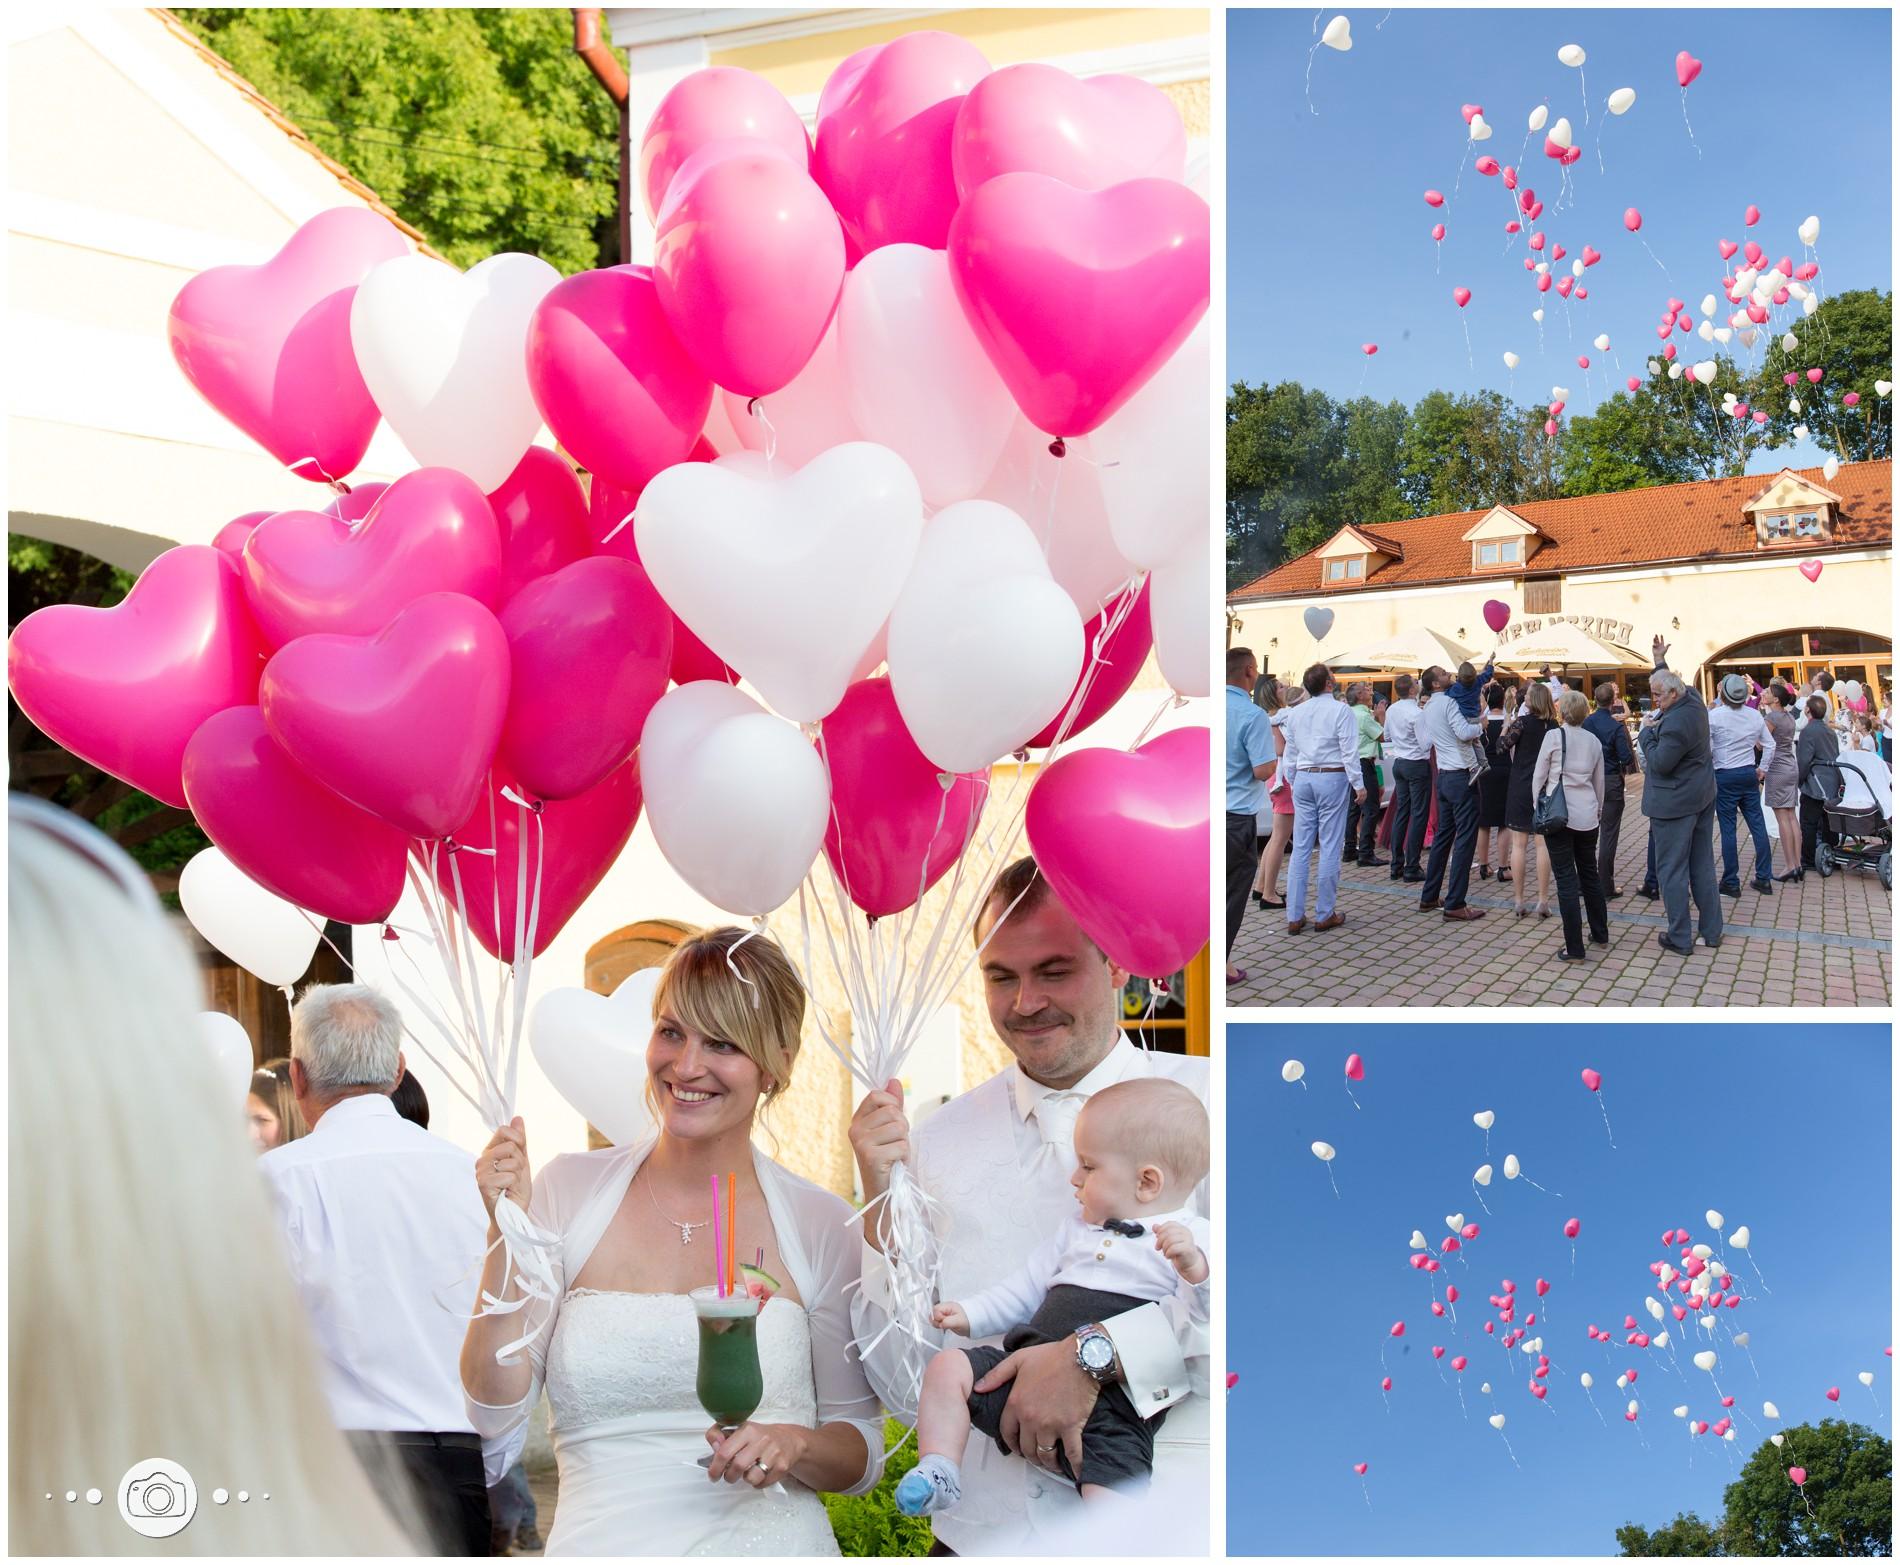 Luftballons auf Hochzeit steigen lassen